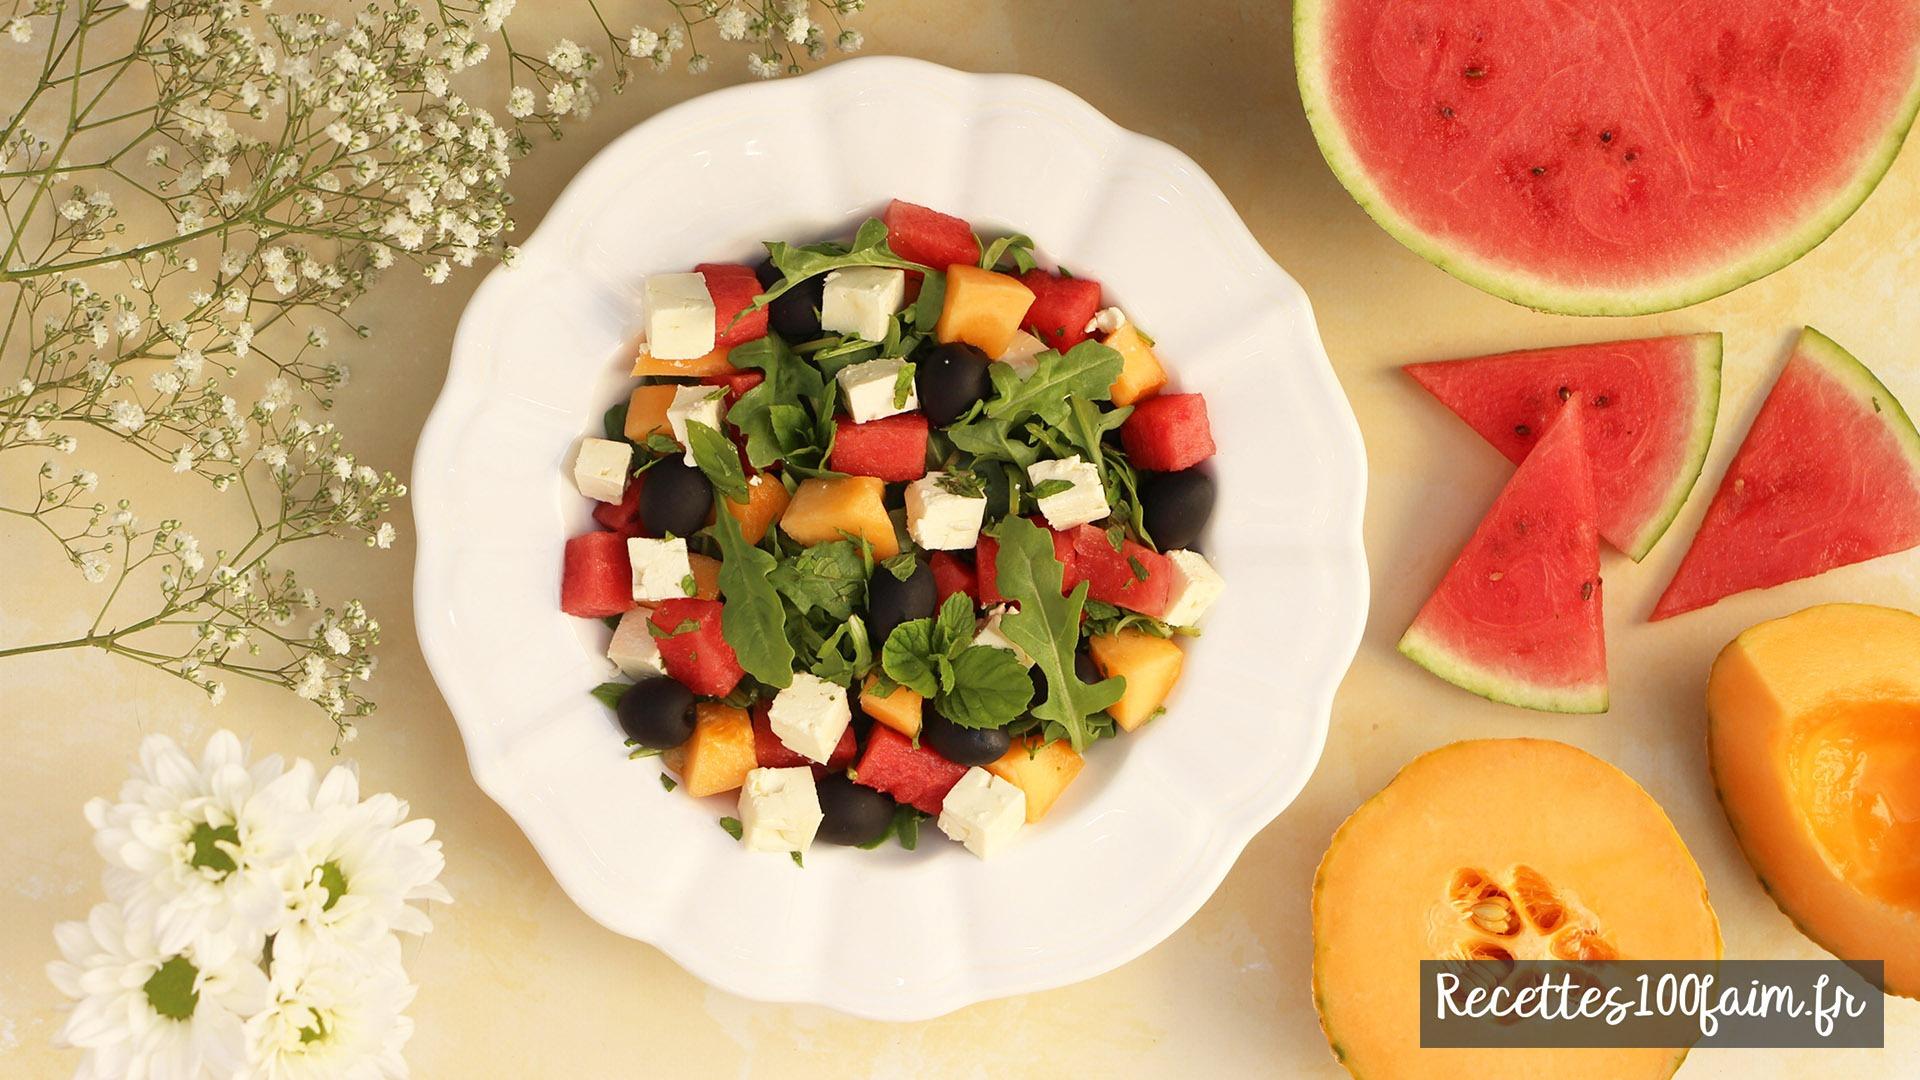 recette salade pasteque melon feta olive